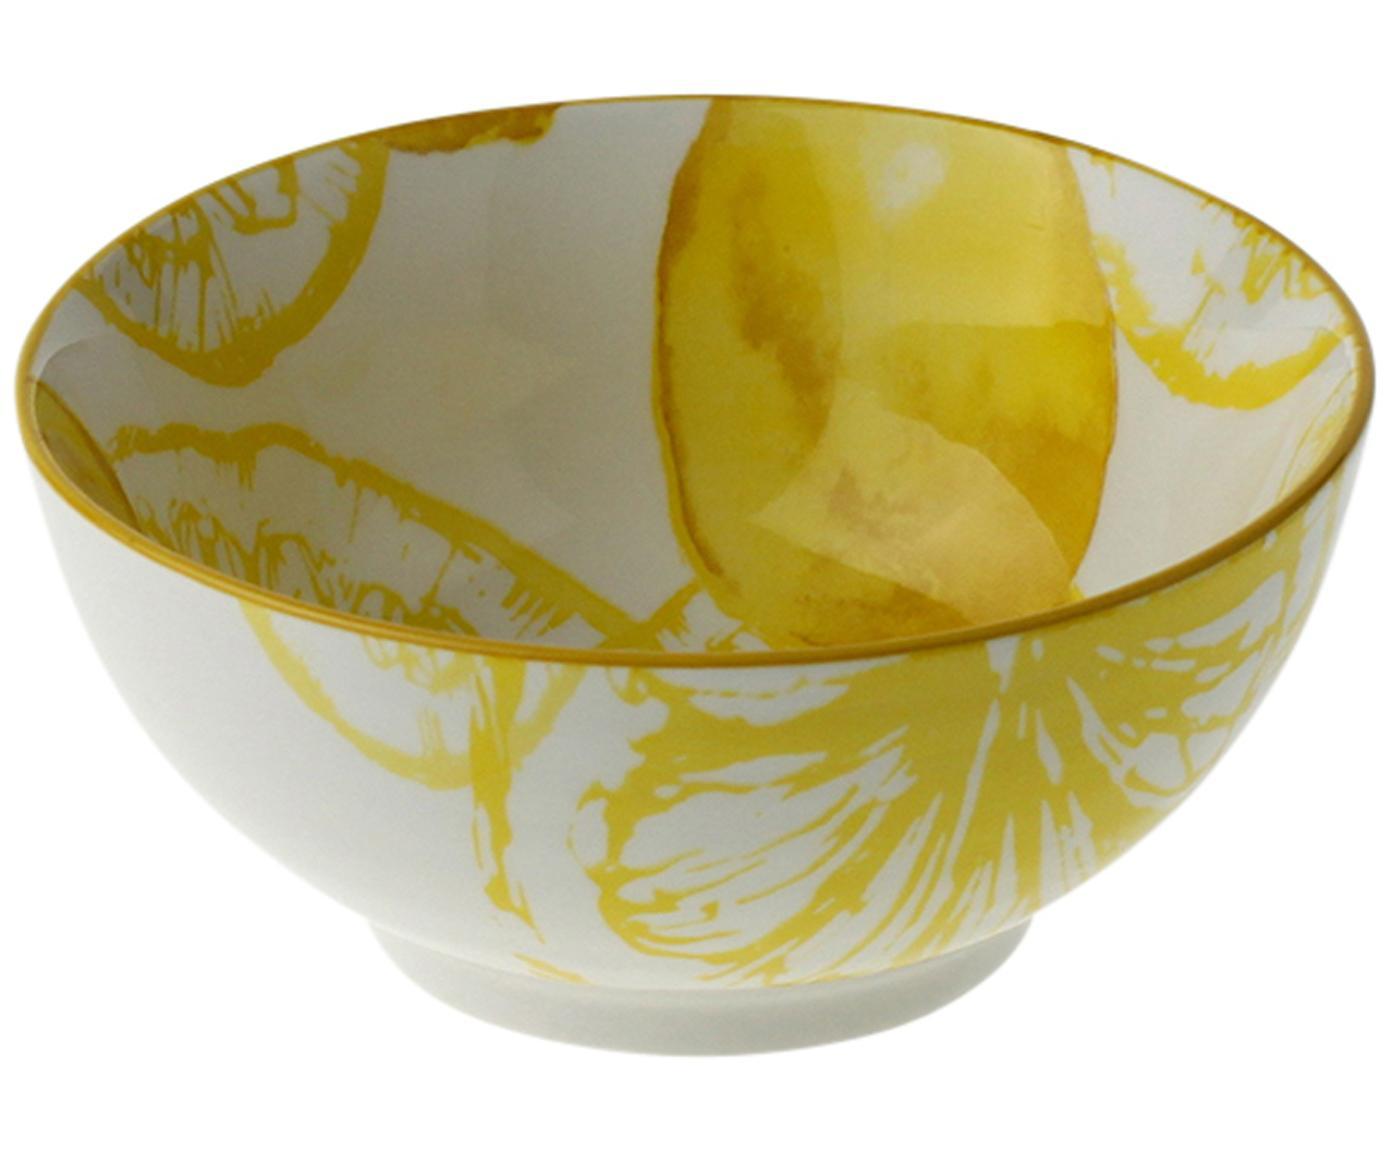 Miseczka Lemon, Porcelana, Biały, żółty, Ø 14 x W 7 cm